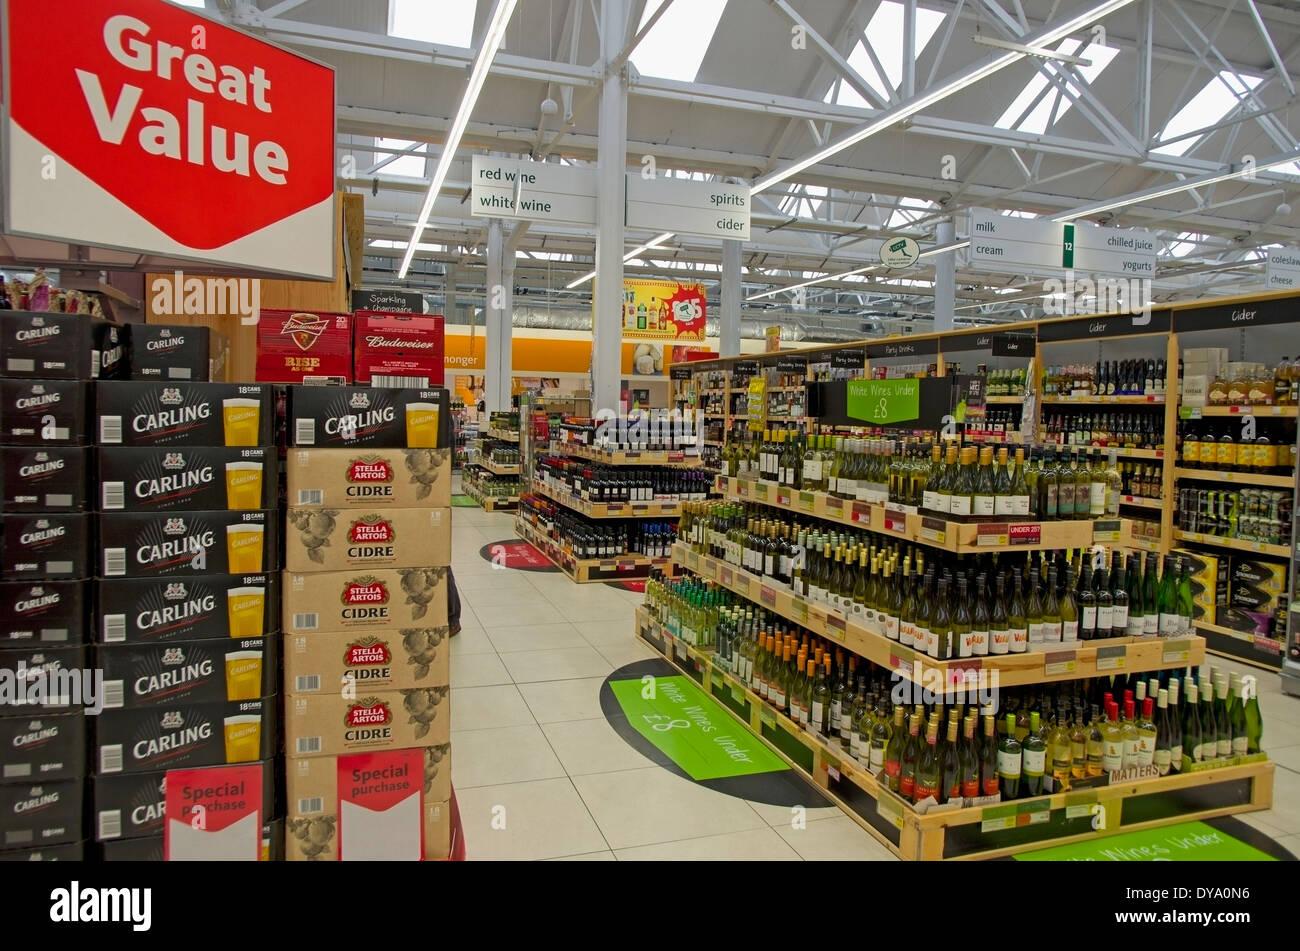 günstige Angebote von Bier, Wein und Spirituosen in Morrisons Supermarkt Hadleigh Suffolk Stockbild